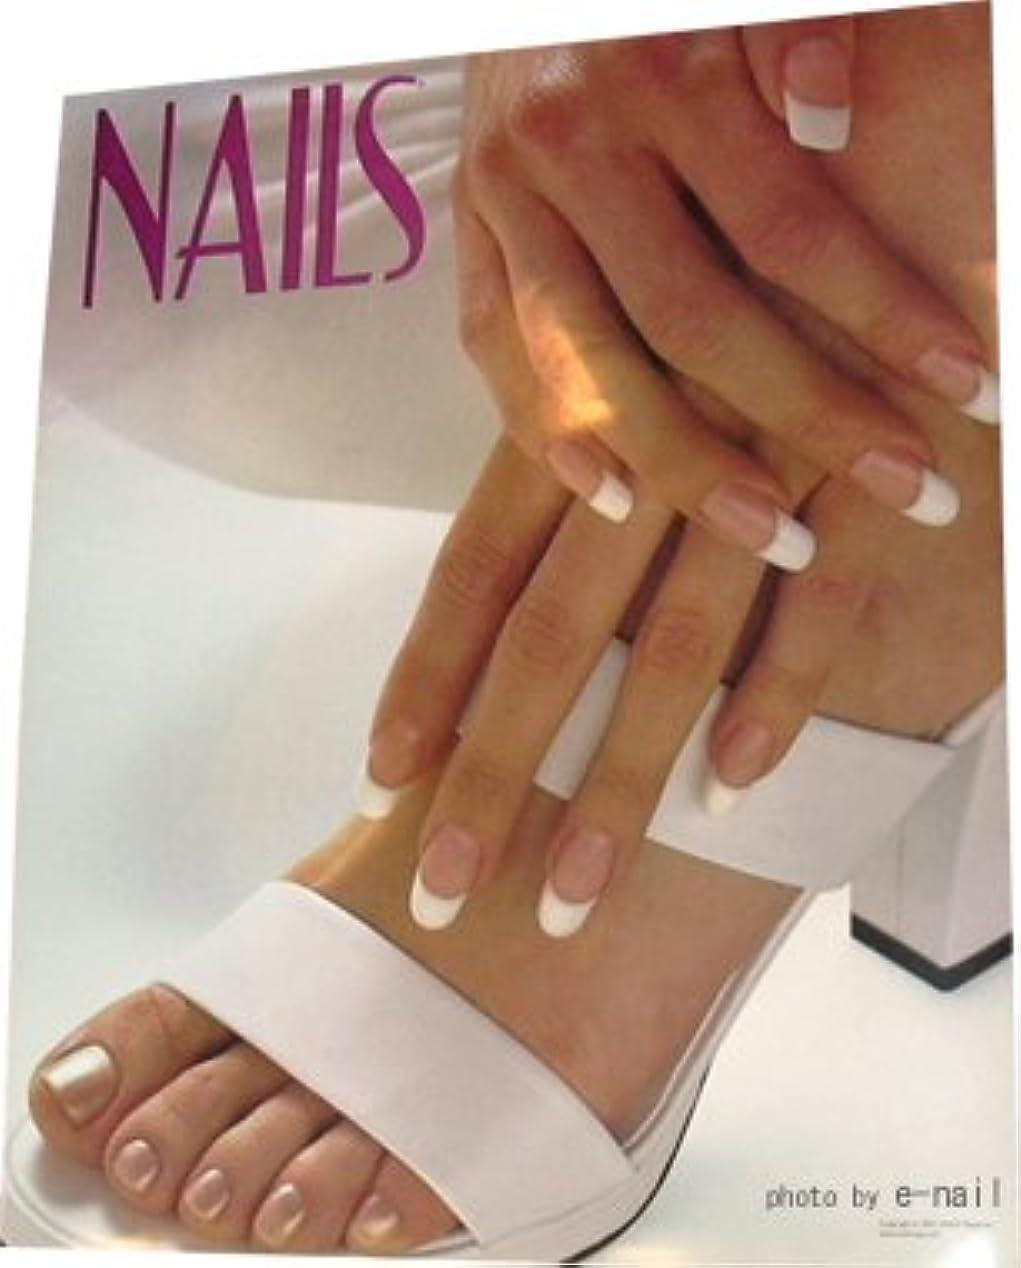 キャリア三番免除するNAILS ポスター 【French Manicure and Pedicure in Heels】